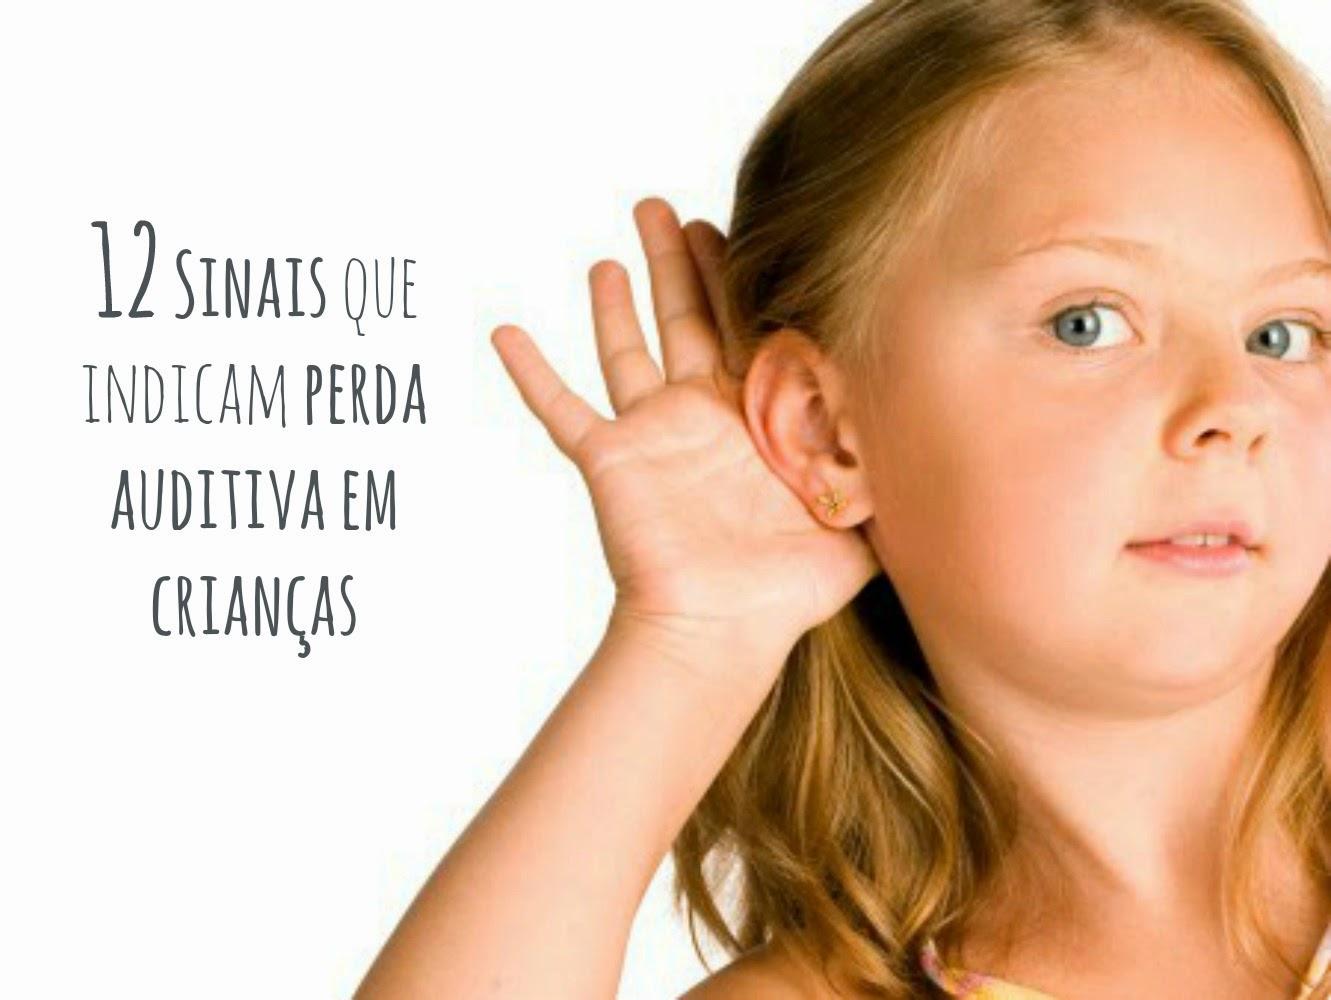 12 Sinais que indicam perda auditiva em crianças